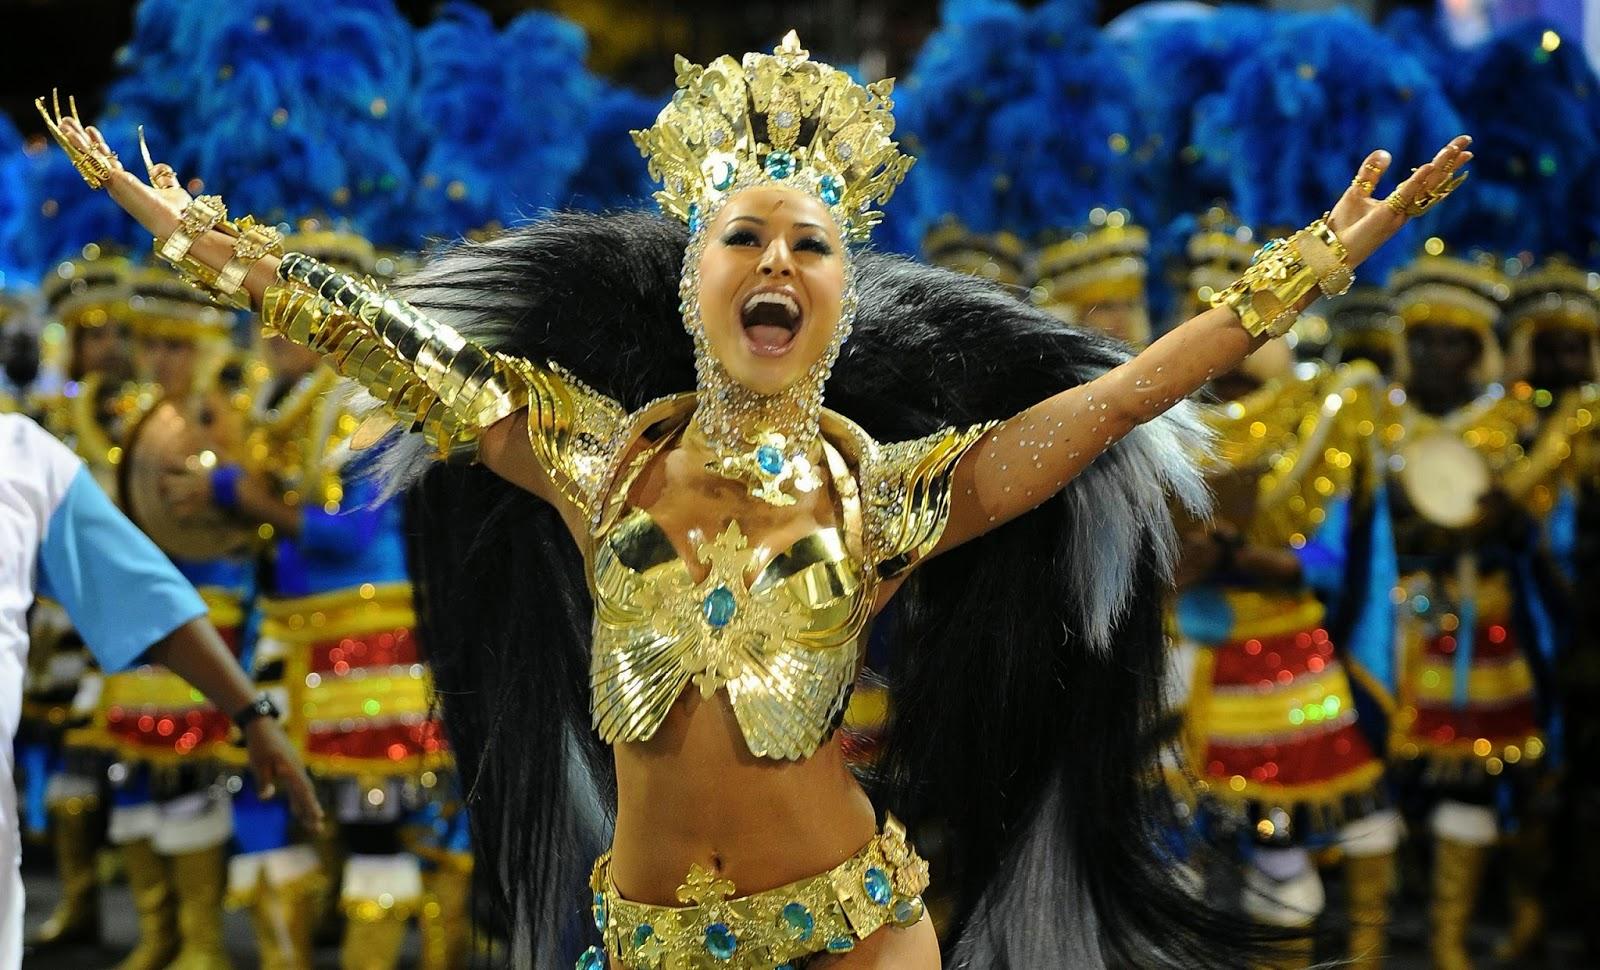 Carnal carnival 3 - 3 8